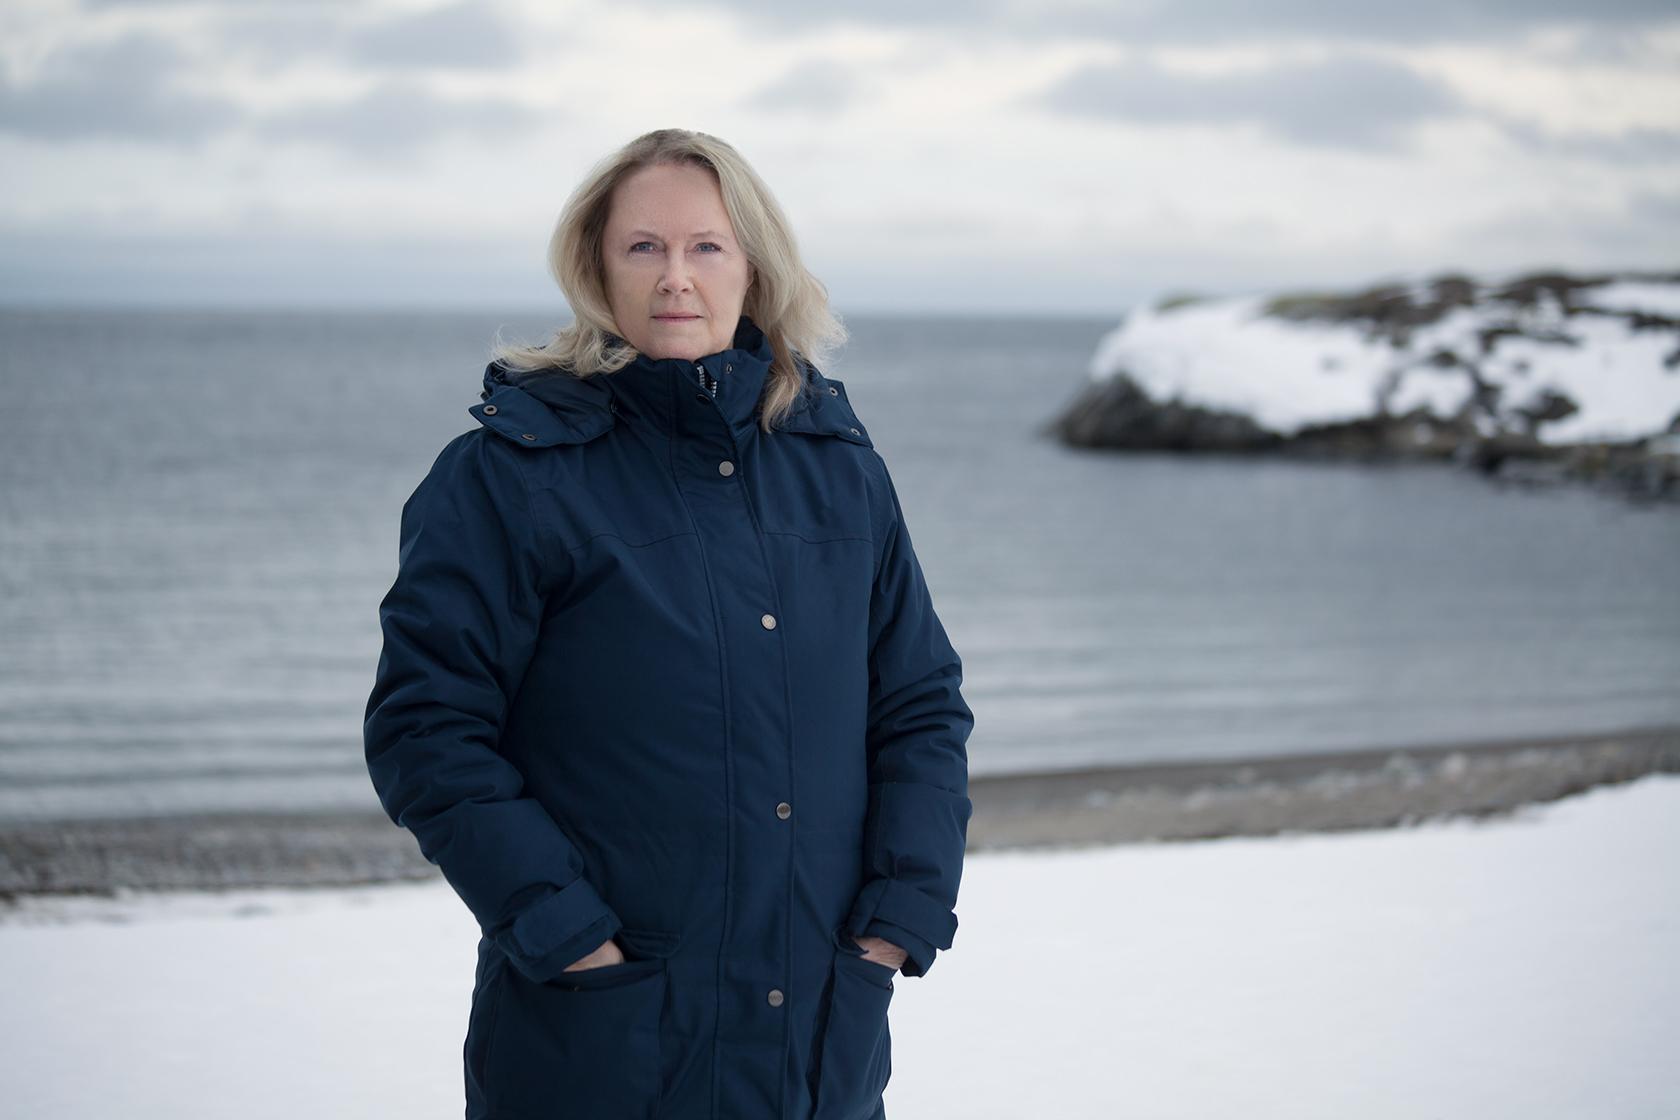 Gittan har blont hår och en blå vinterkappa på sig i ett snörikt vinterlandskap vid havsbandet